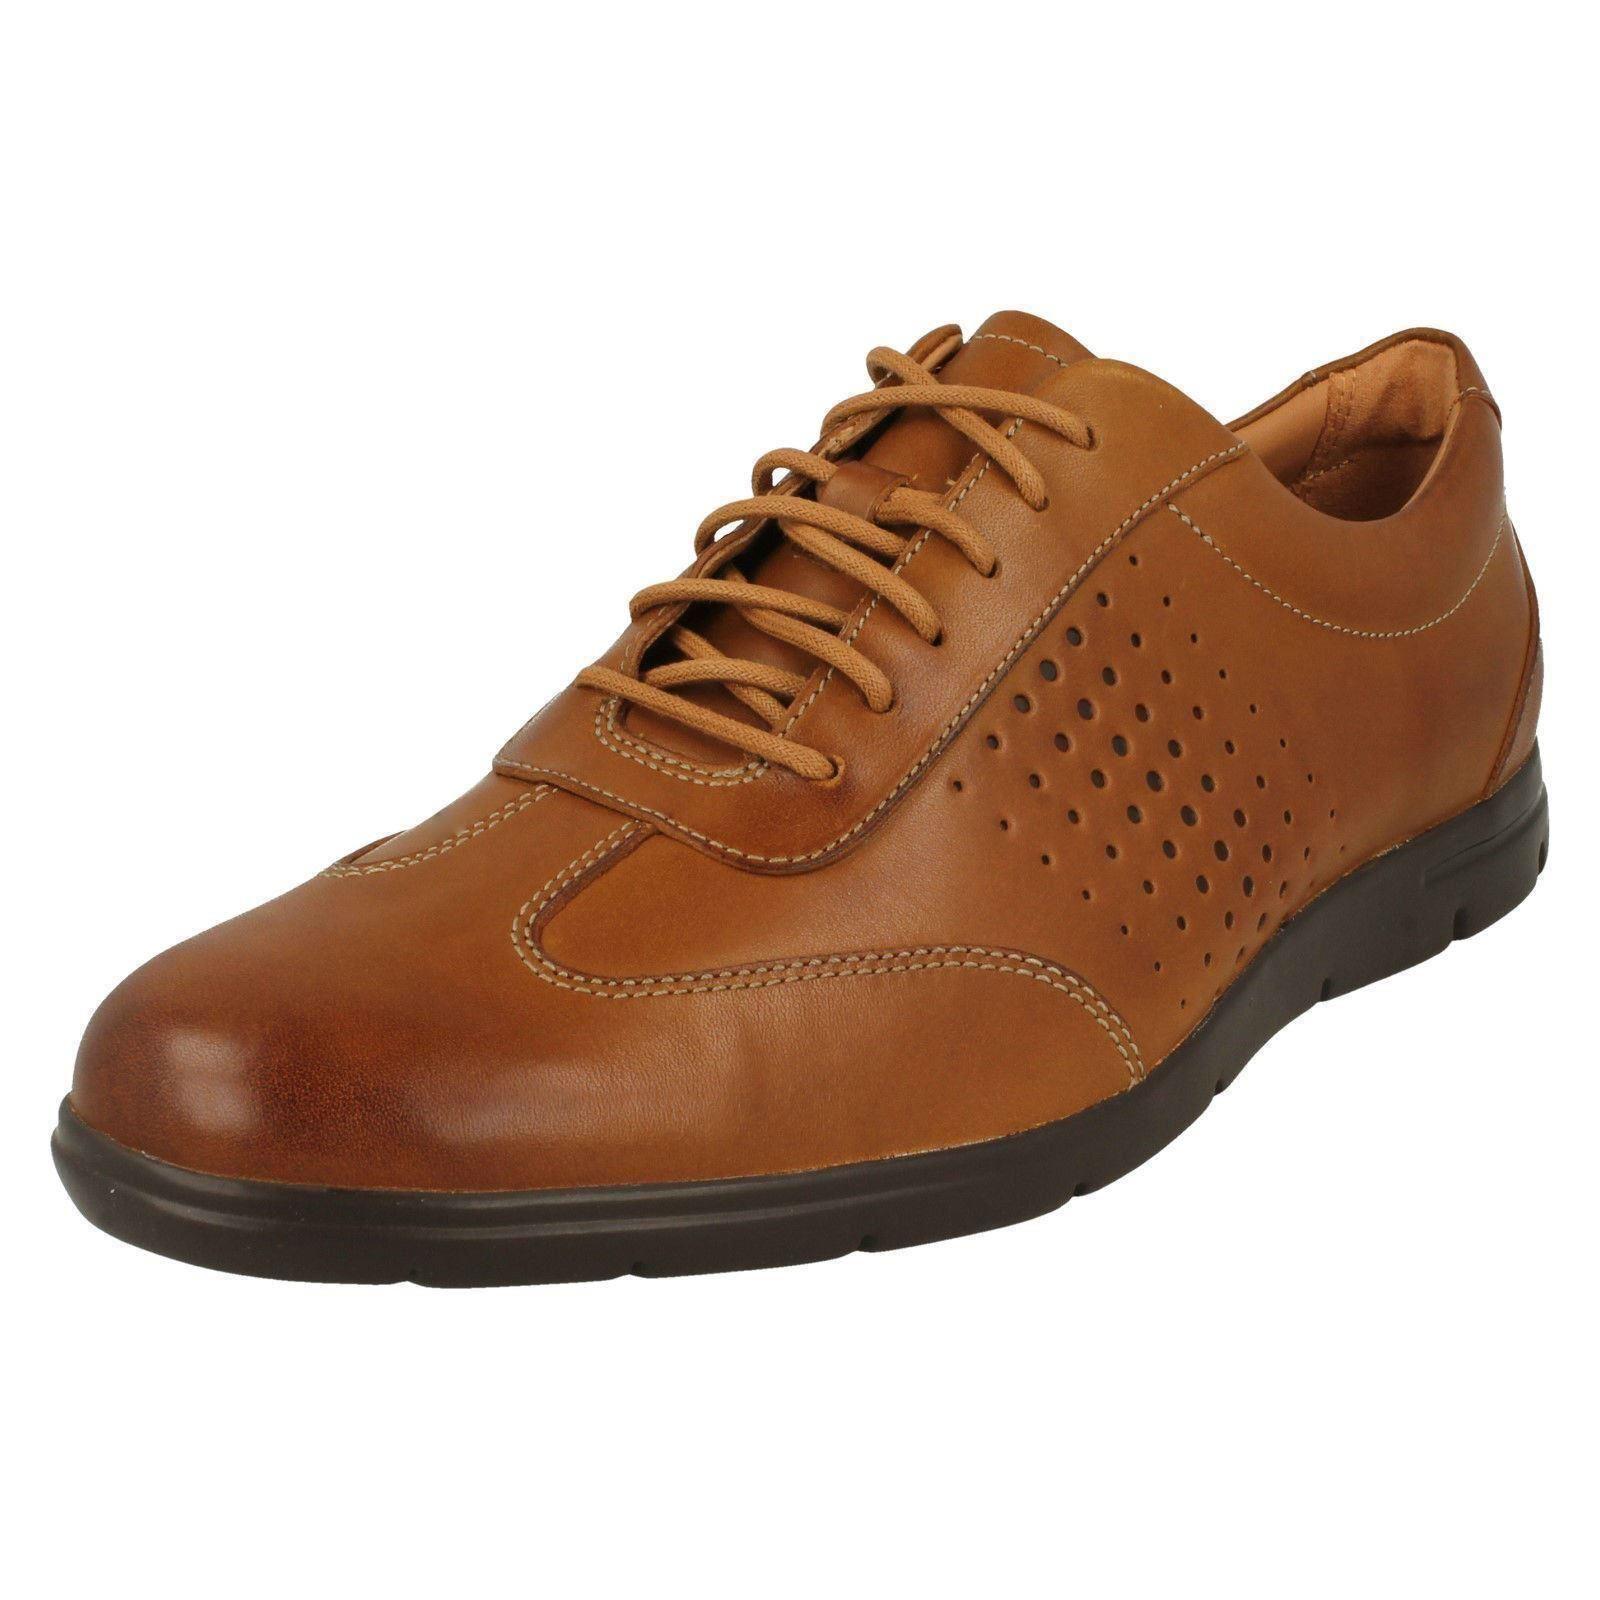 Clarks hombre Zapatos para hombre Clarks Informales' vennor VIBE ' 4d333e